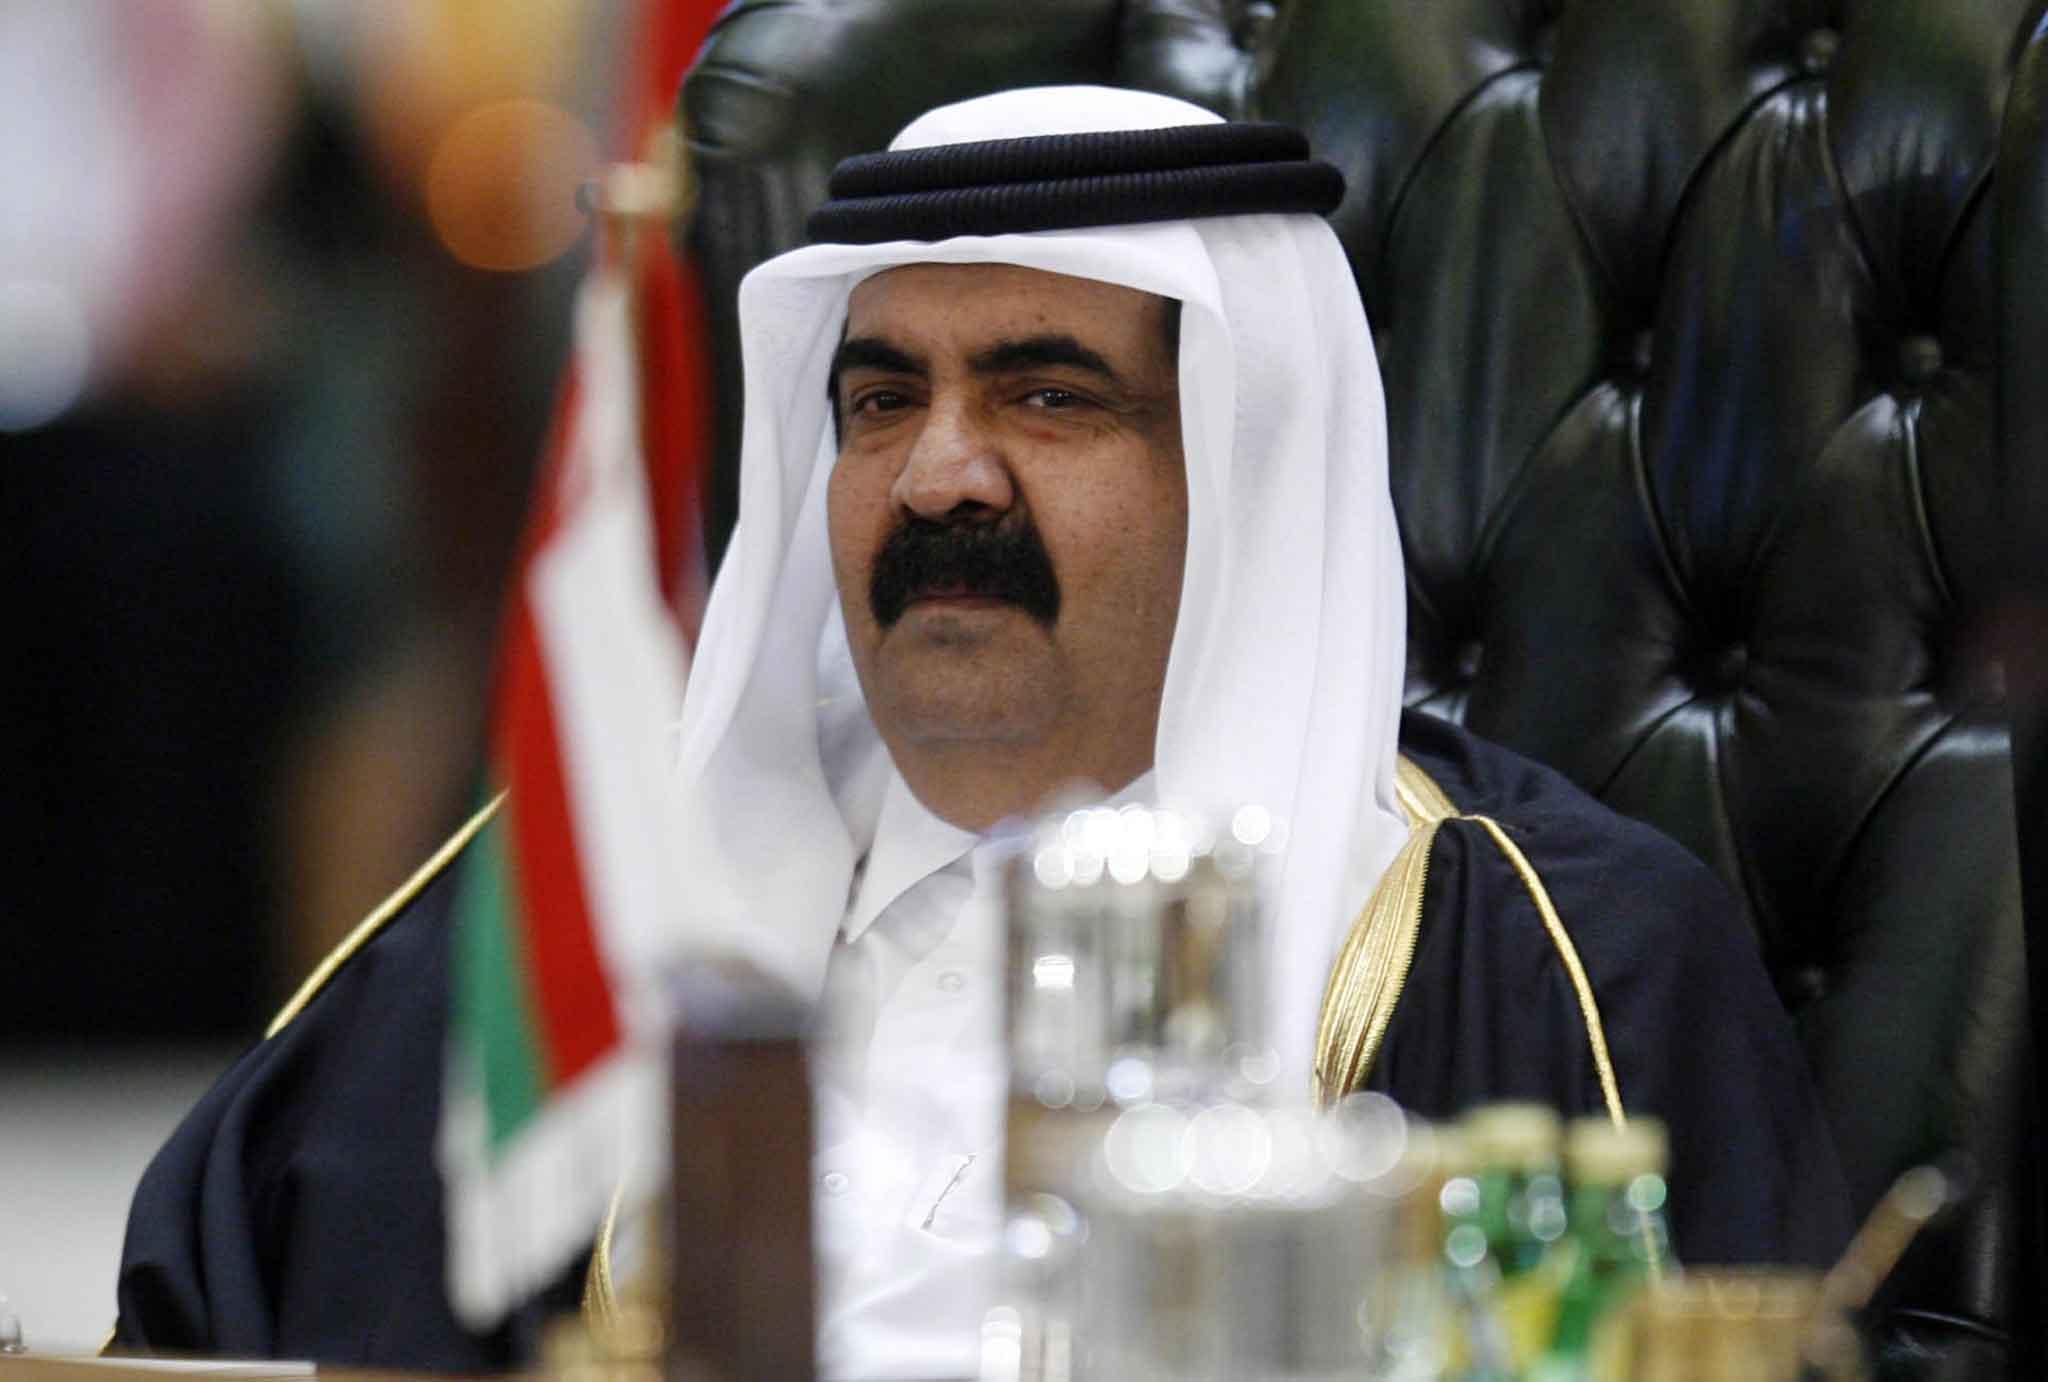 Sheikh-Hamad-bin-Khalifa-al-Thani